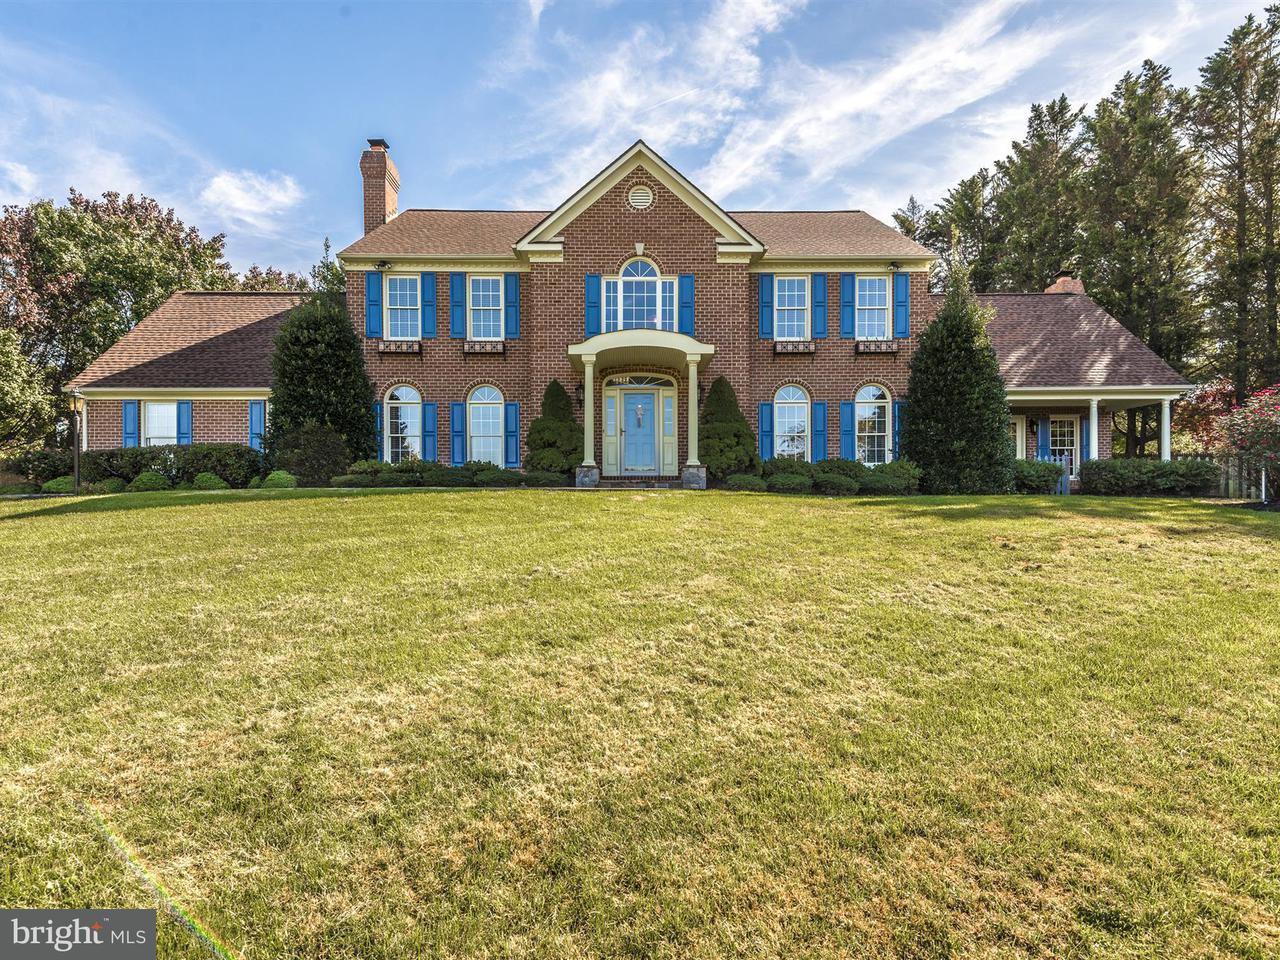 Vivienda unifamiliar por un Venta en 11703 Glenwood Court 11703 Glenwood Court Ijamsville, Maryland 21754 Estados Unidos